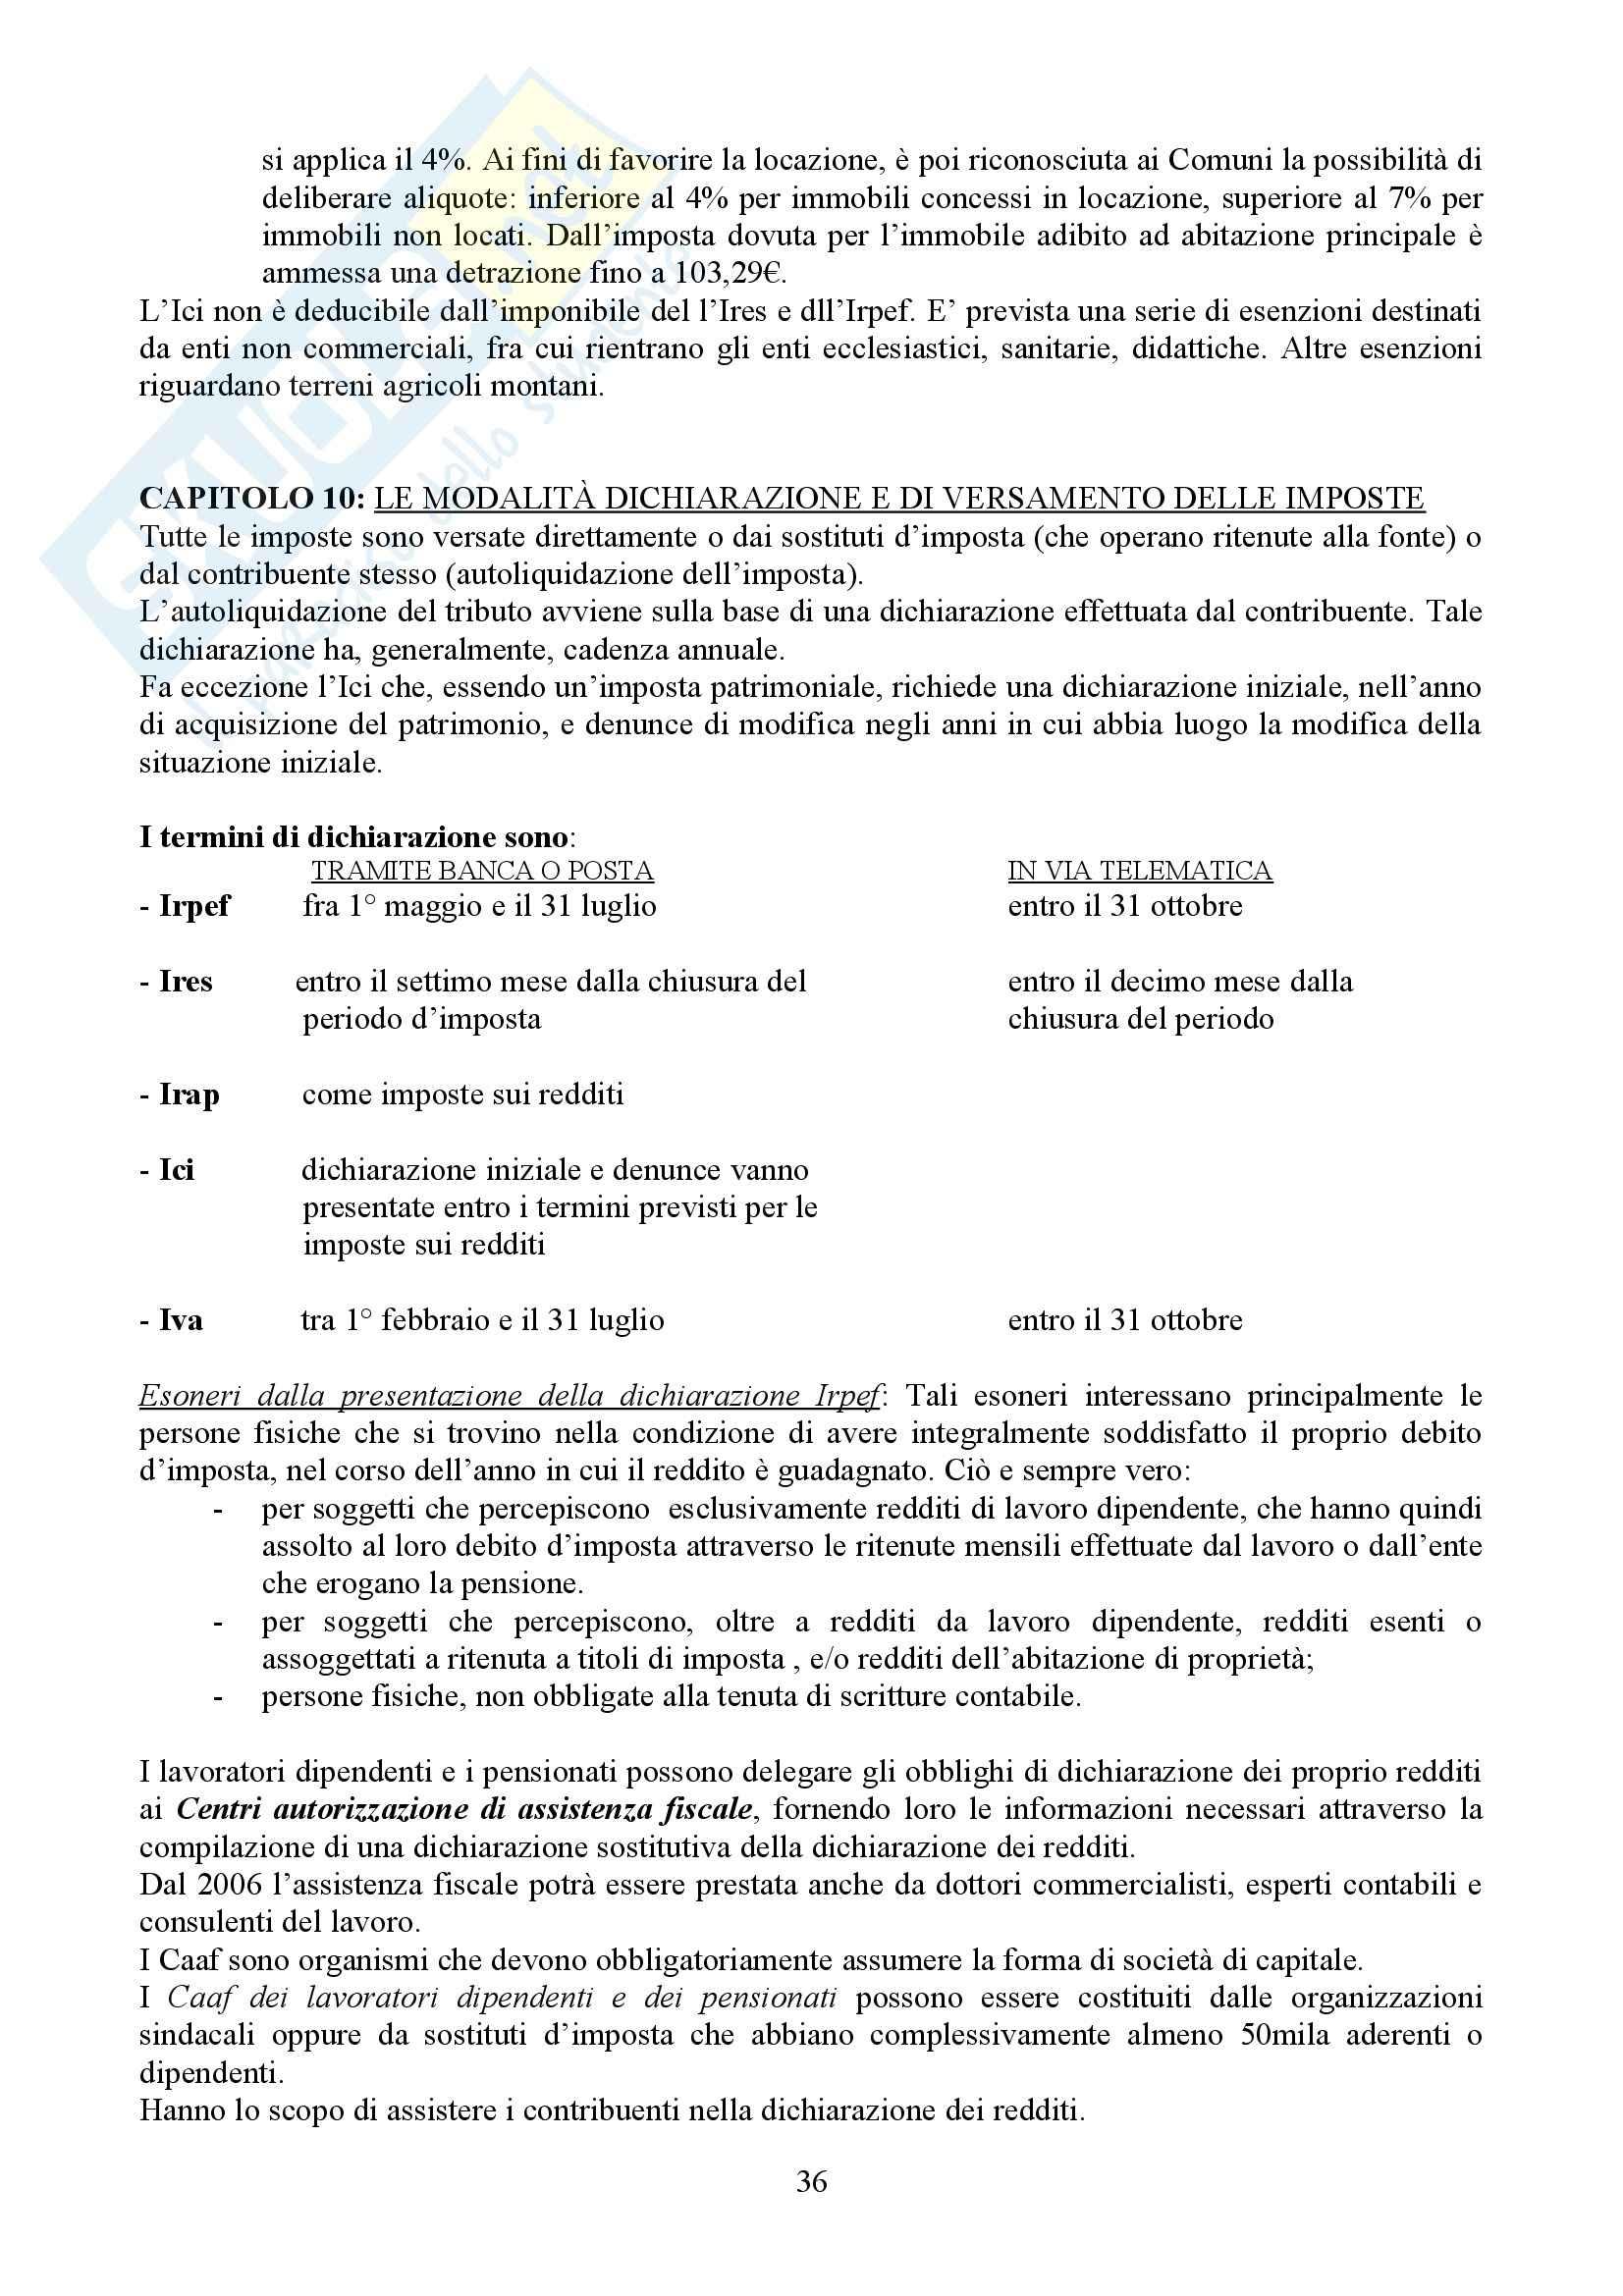 Tributi nell'economia italiana, Bosi, Guerra - Appunti Pag. 36